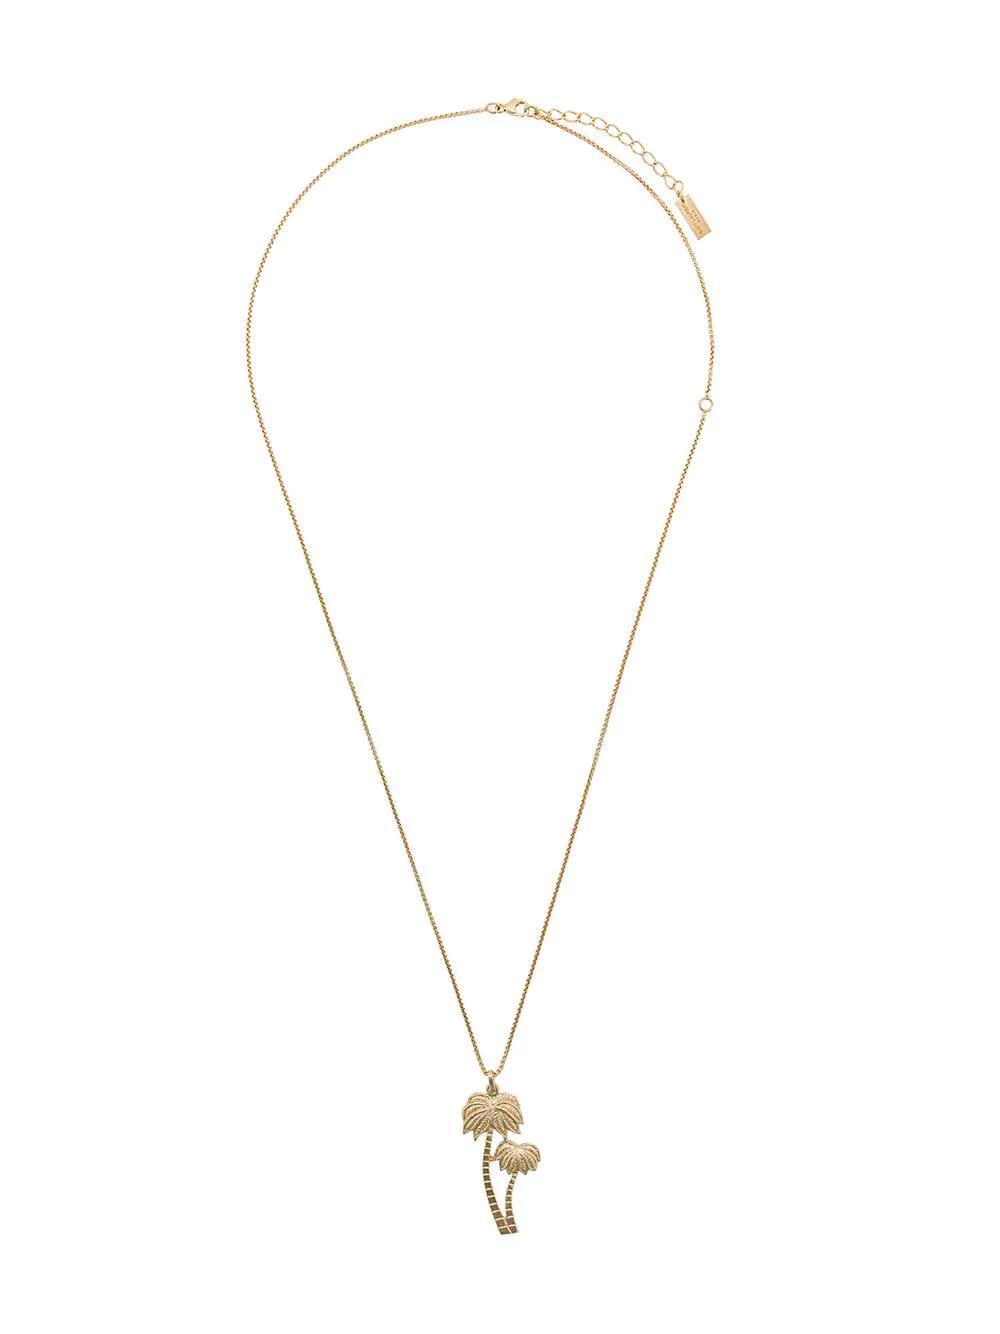 b7e0e3114b6 Saint Laurent Palm Tree Pendant Necklace - Gold | ModeSens